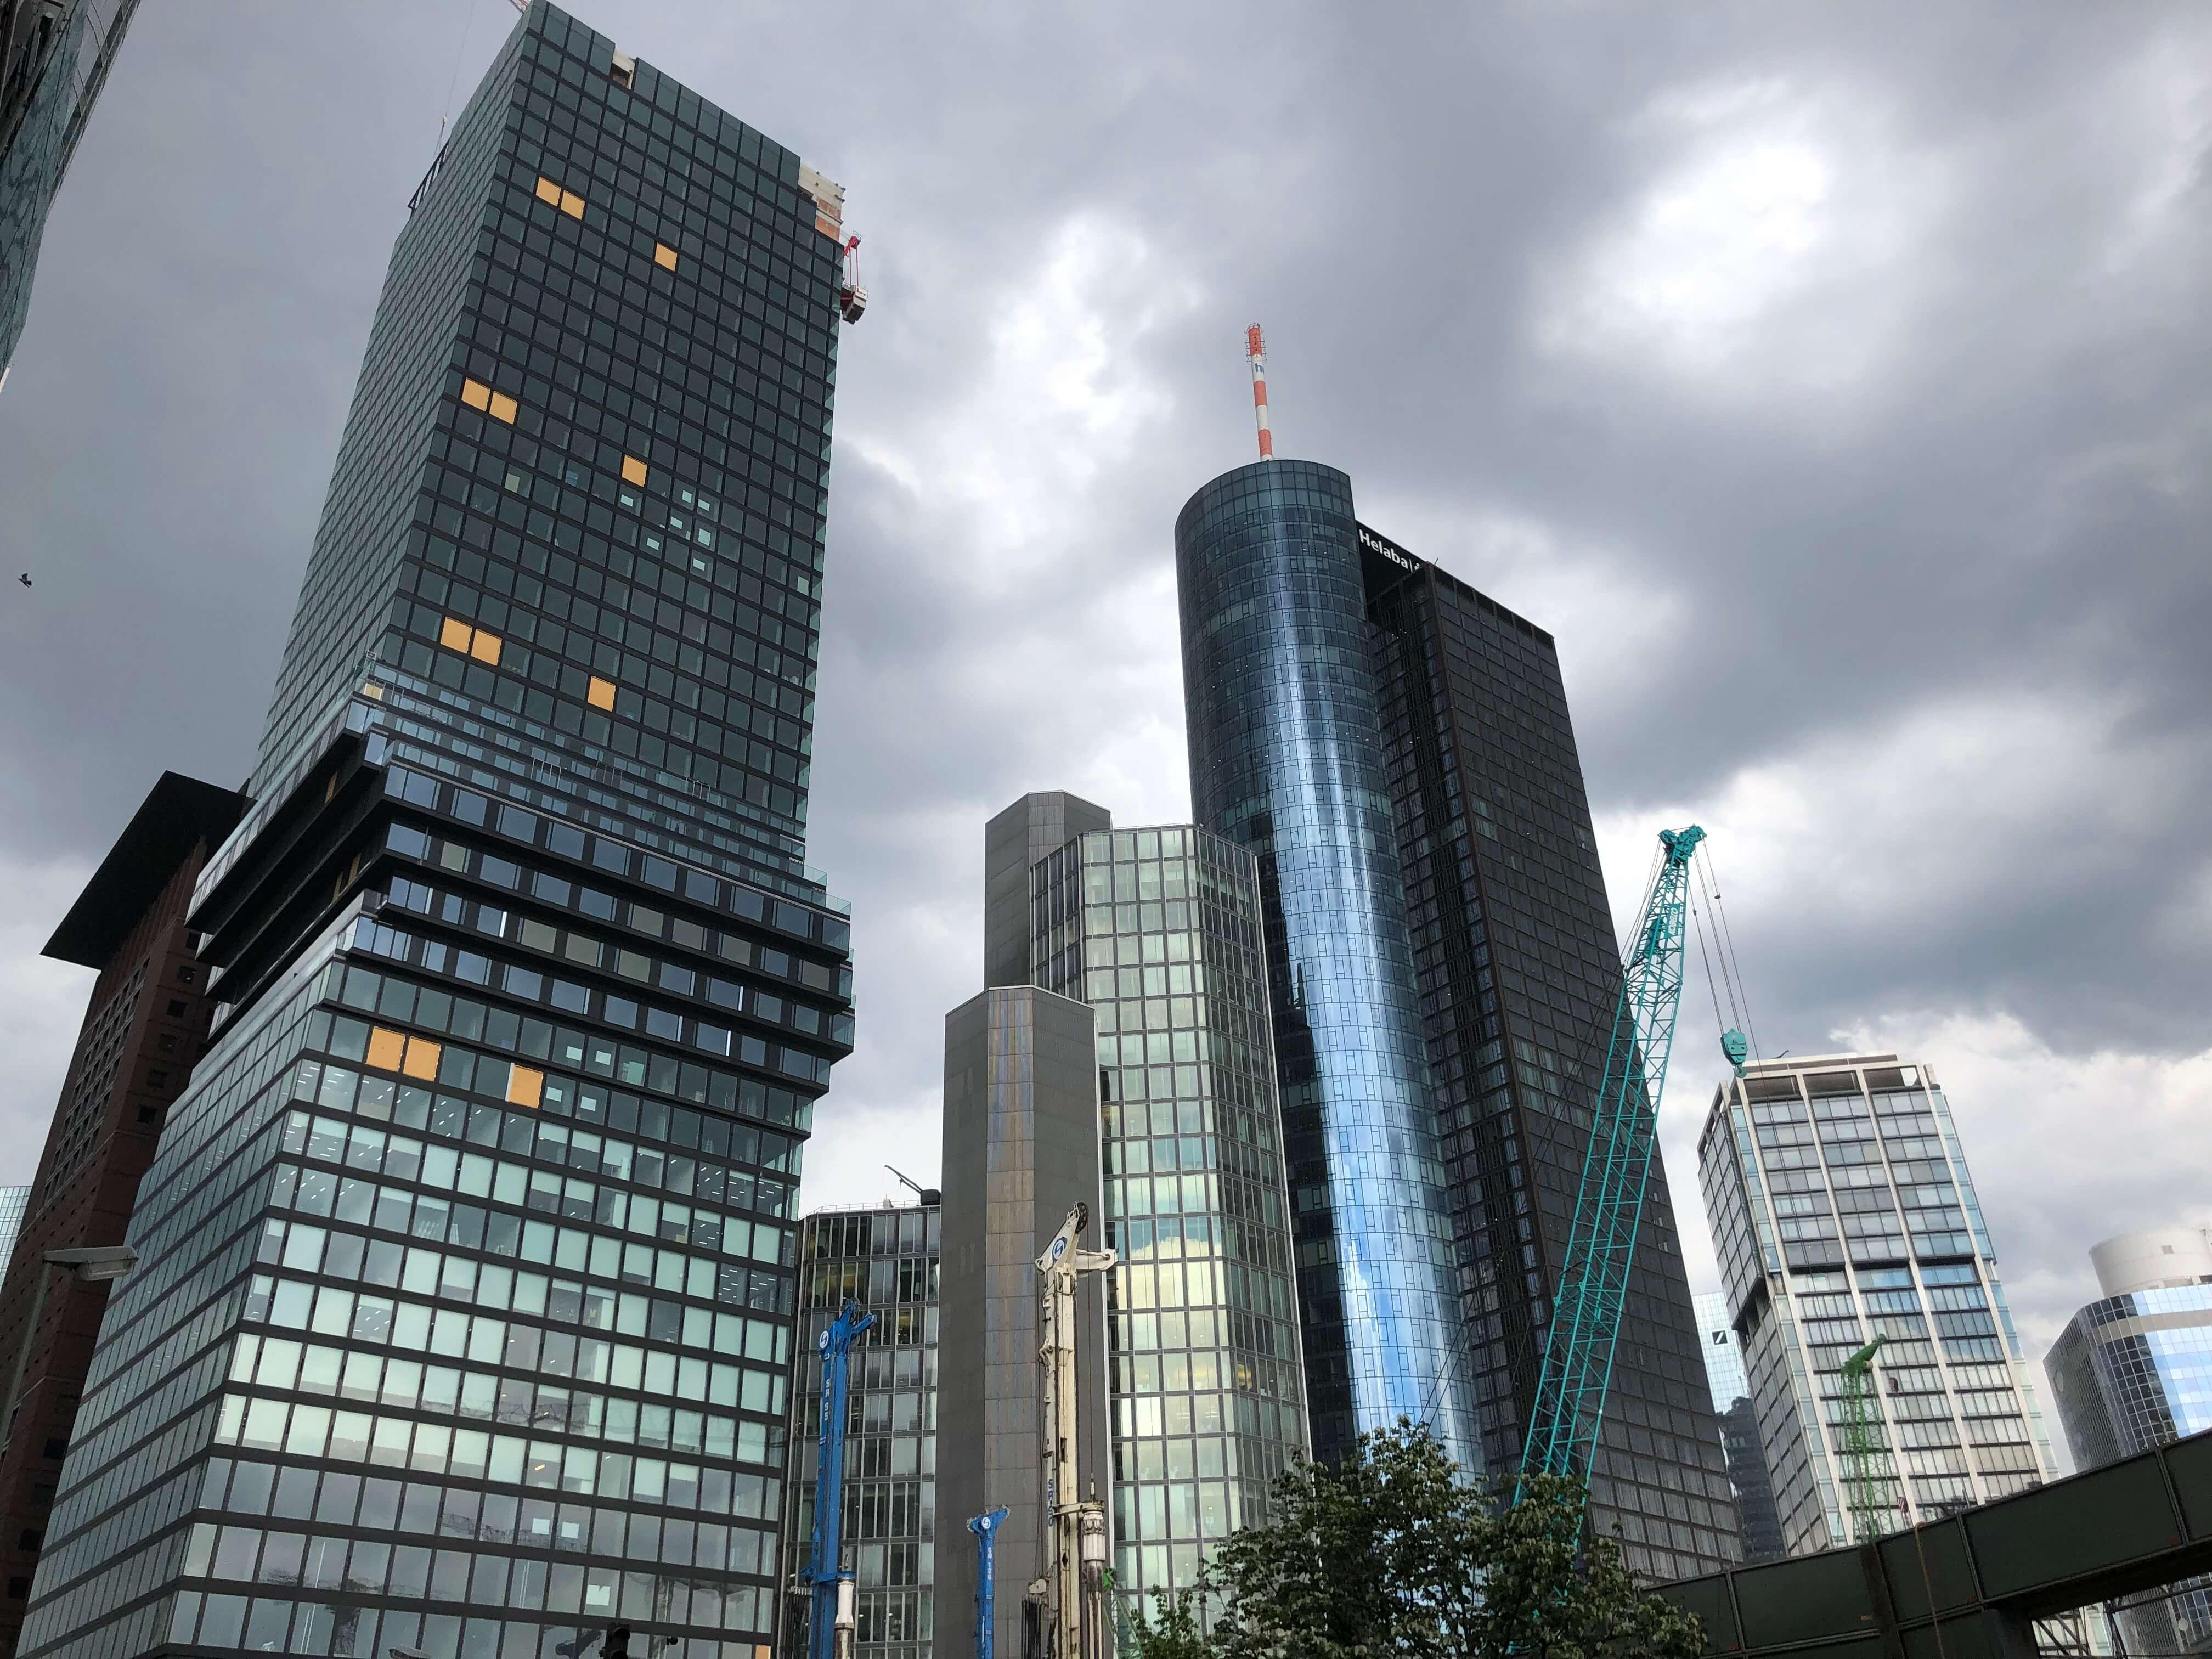 dunkle wolken frankfurter immobilienmarkt bilder kostenlos lizenzfrei